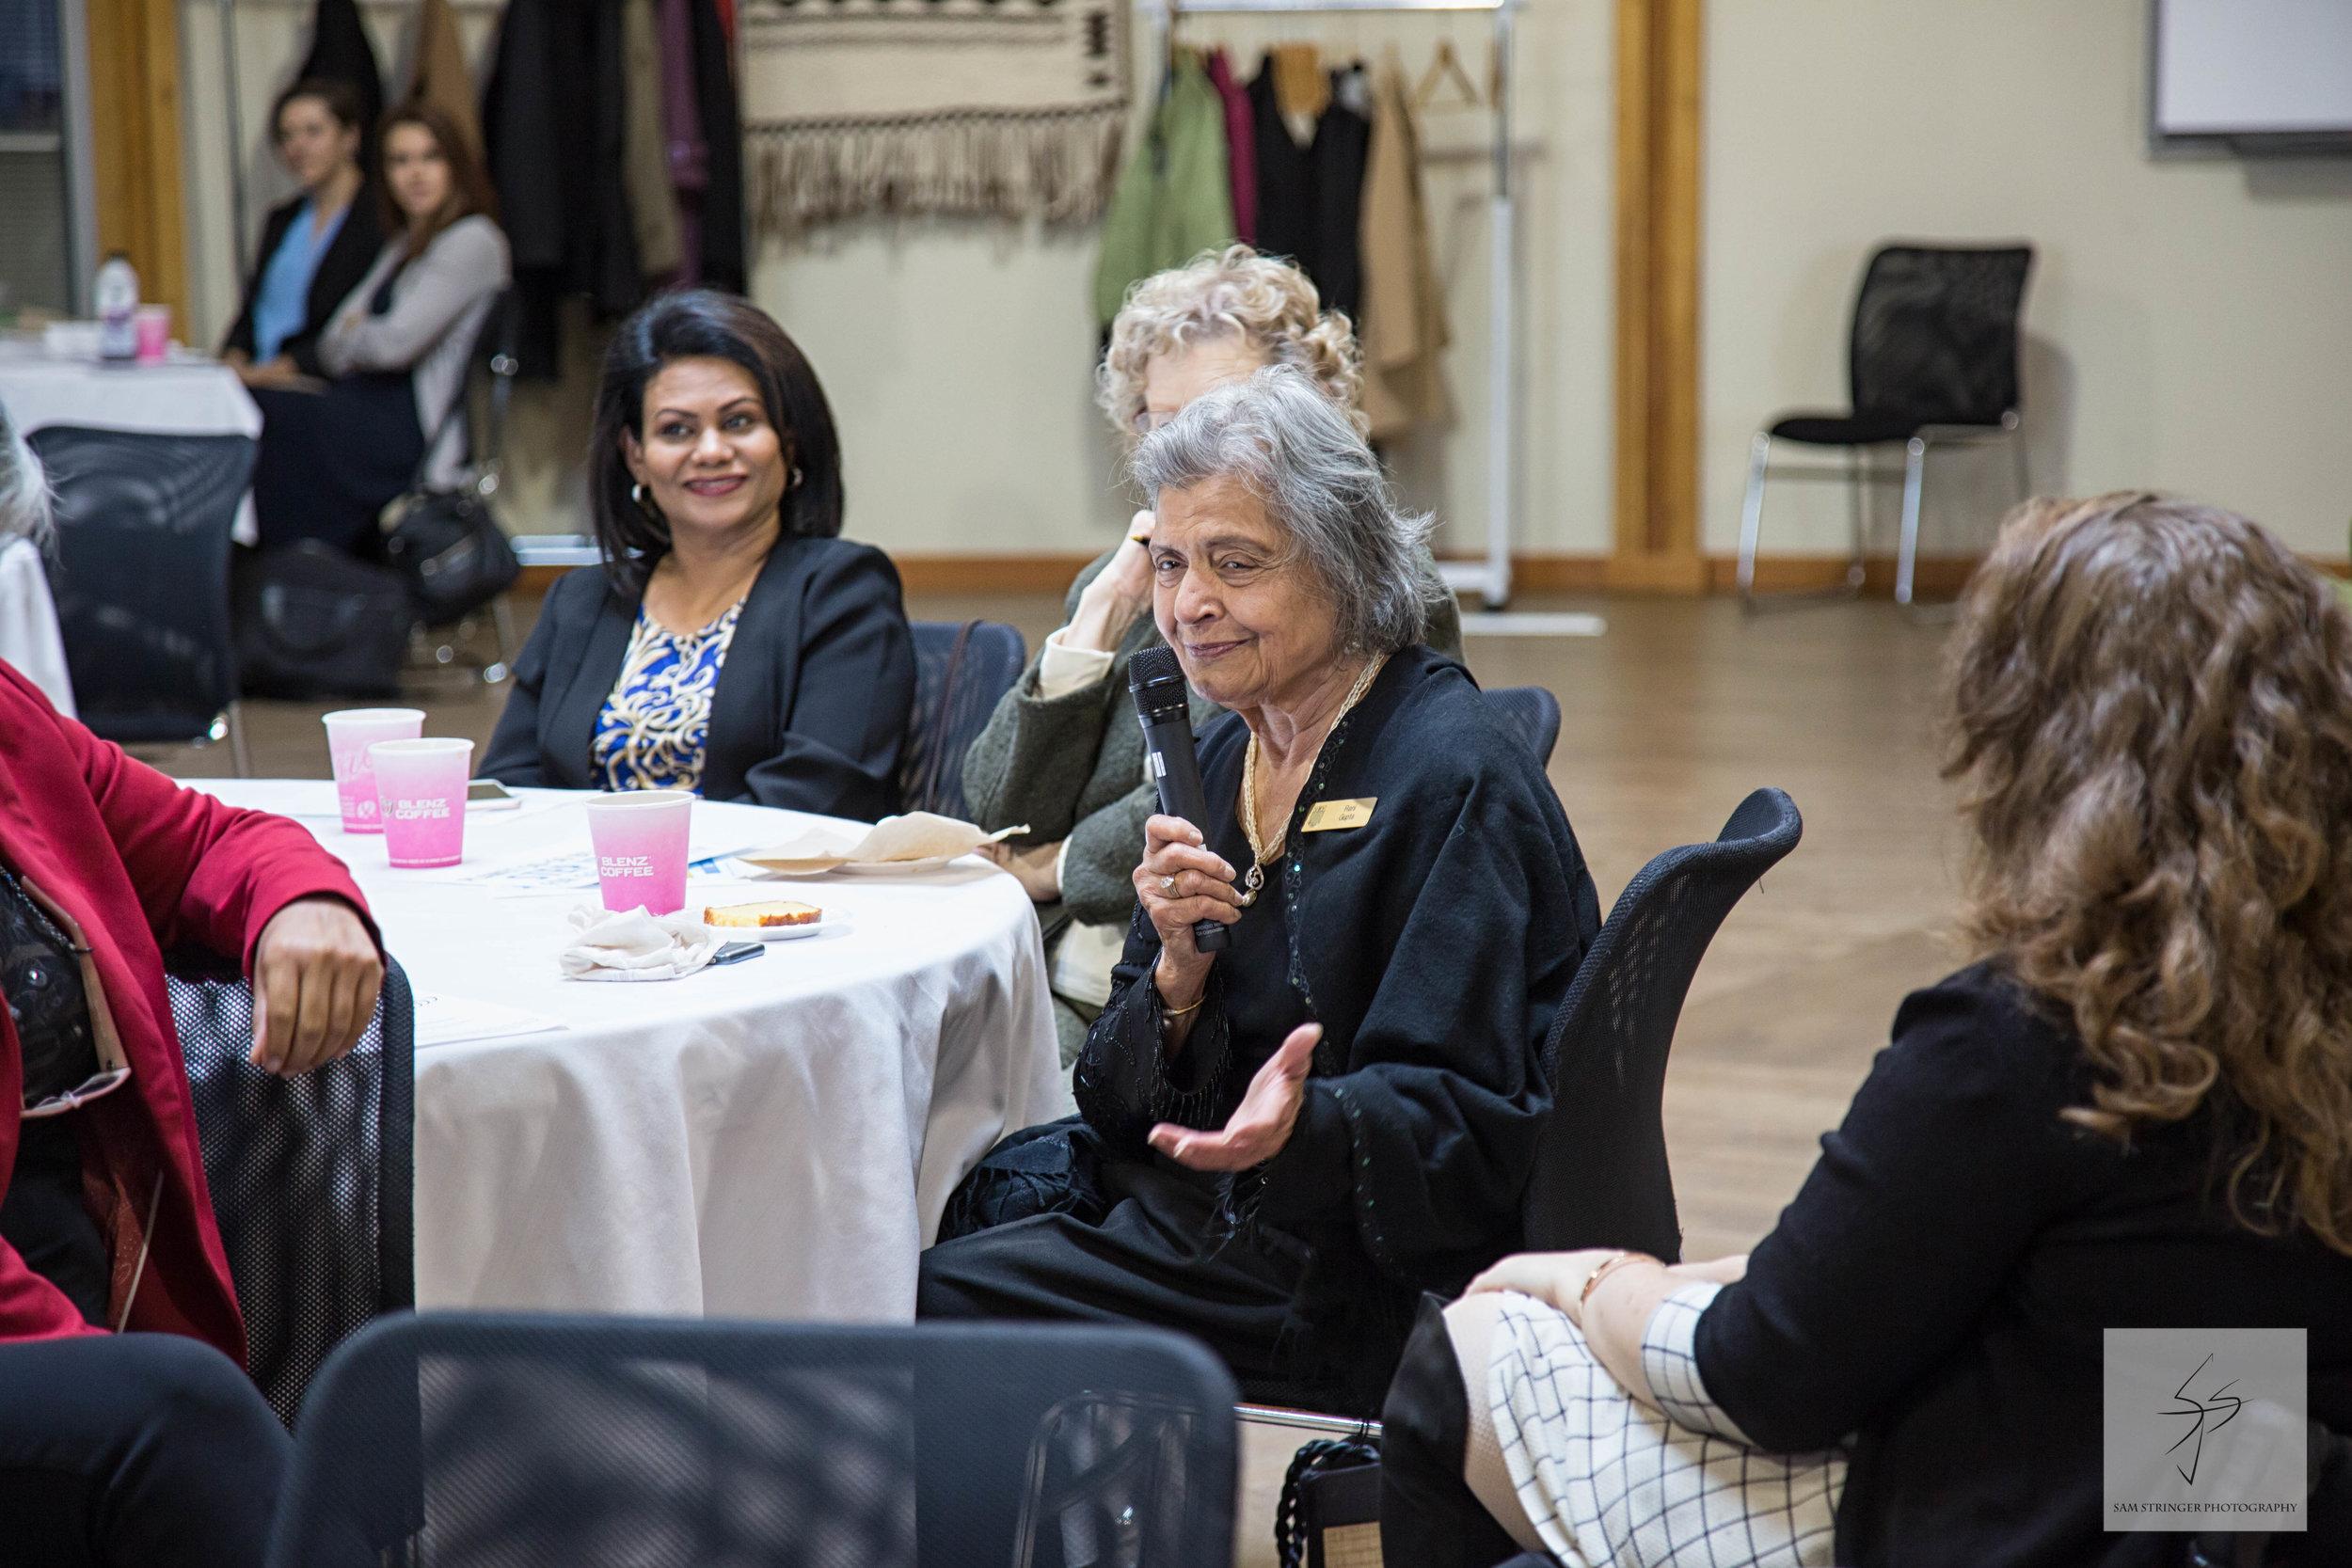 UNforWomen-Vancouver-Stringer-33.jpg